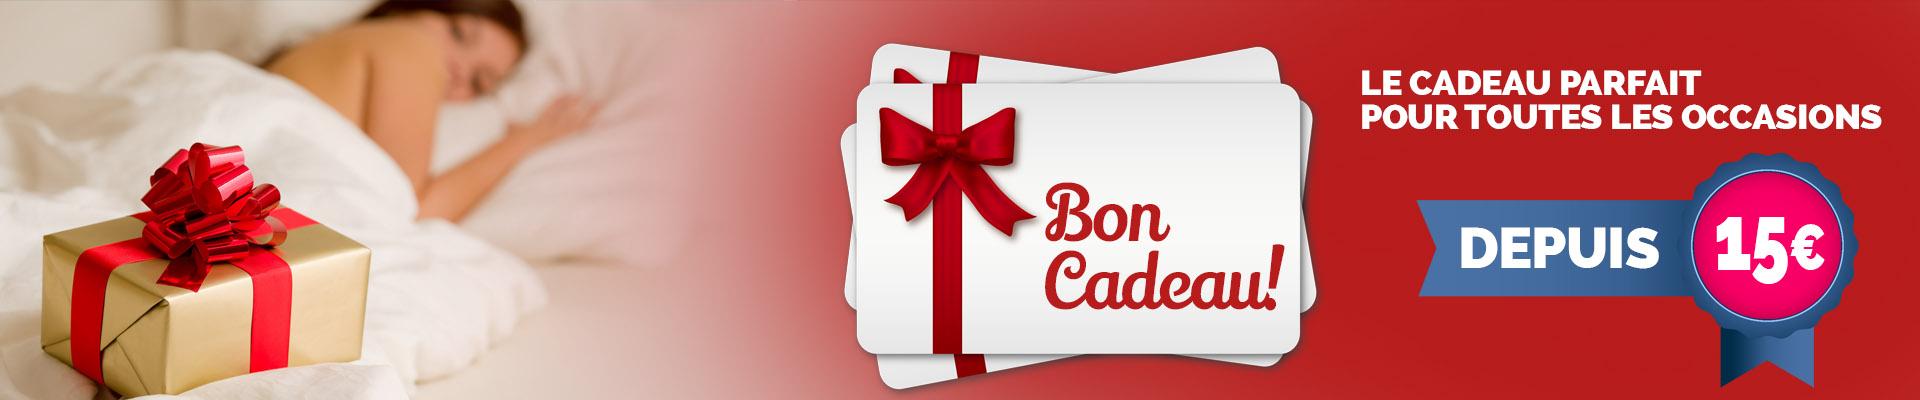 Bon Cadeau Canarias.com